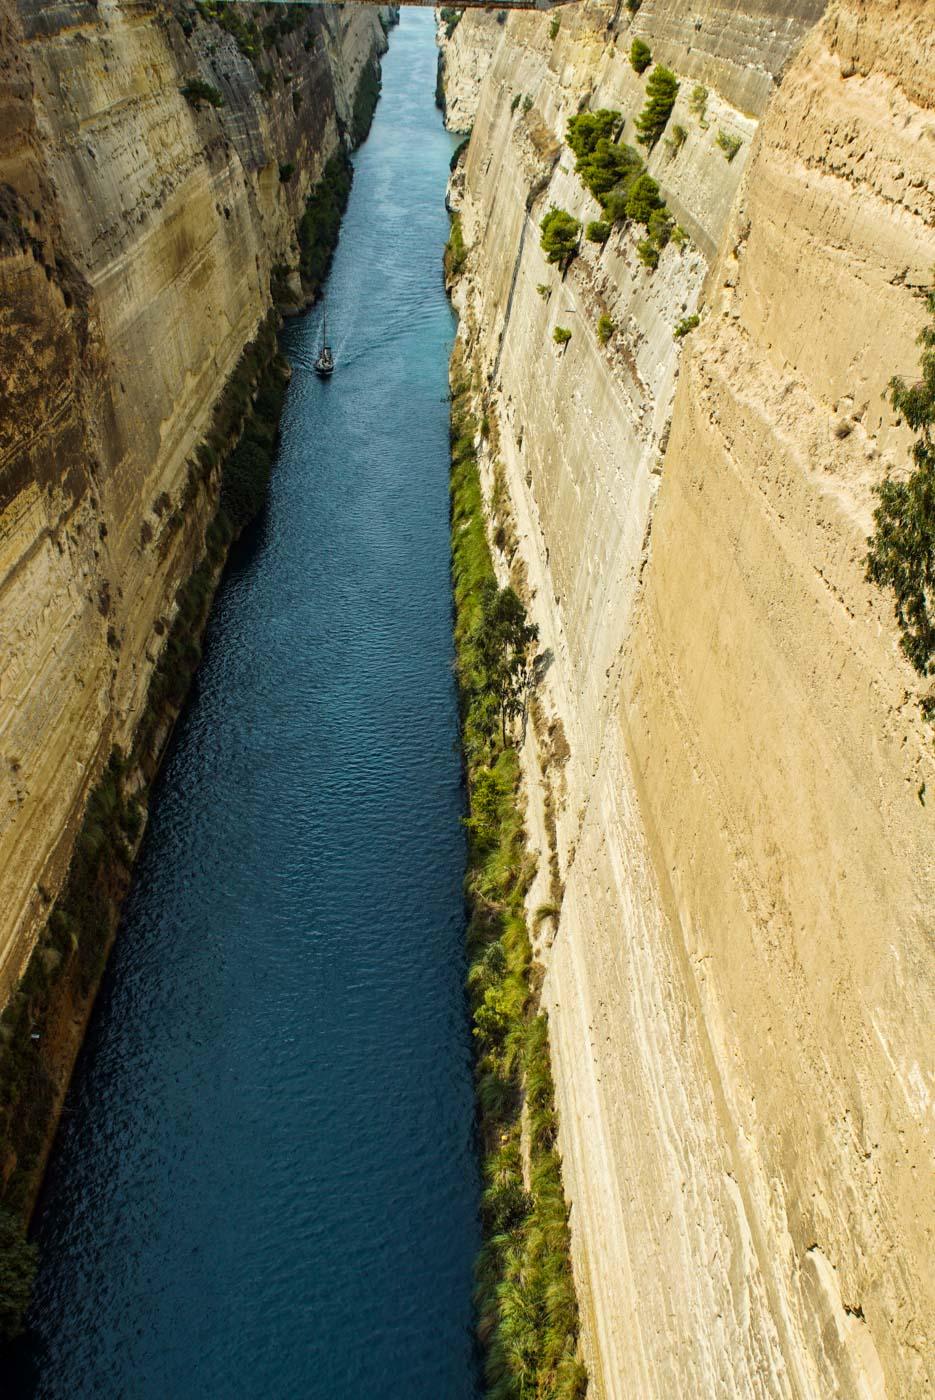 Blick in den 80m tiefen Kanal von Korinth. Die Steilwände sind zu erkennen, an denen teilweise Bäume herauswachsen, ganz hinten sieht man wie sich ein kleines Segelboot.